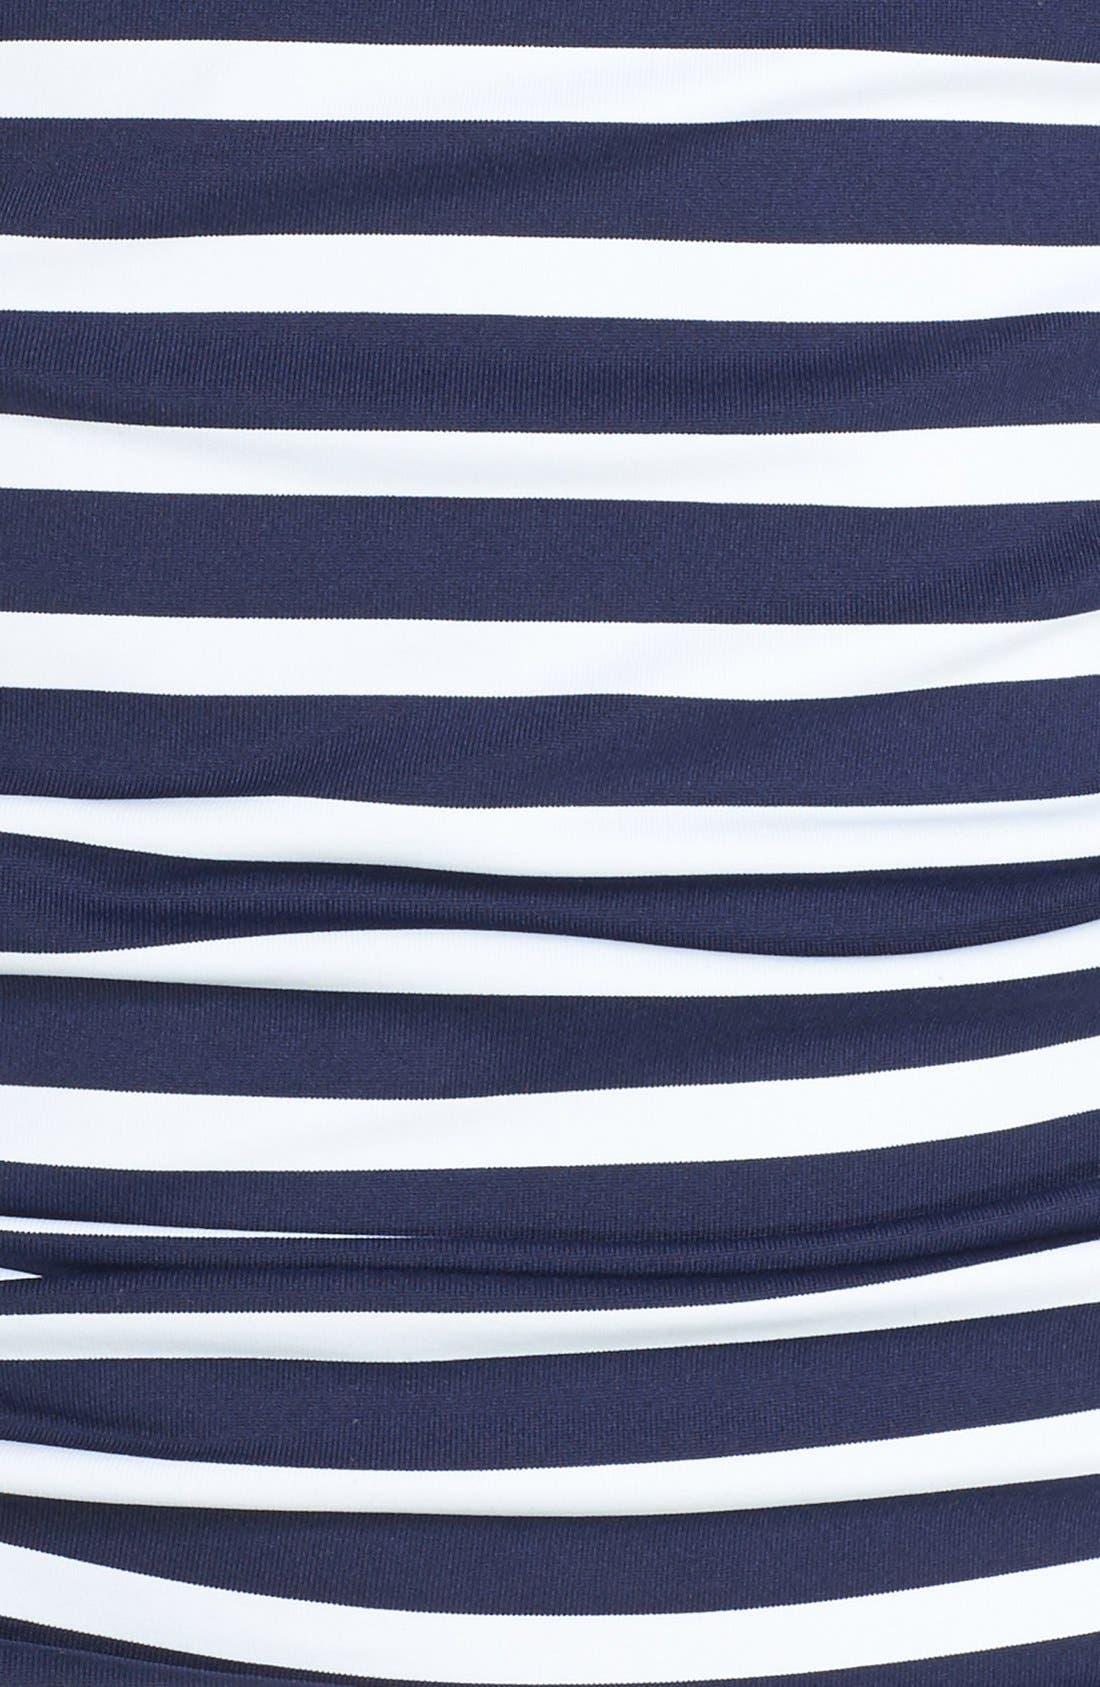 Stripe Tankini Top,                             Alternate thumbnail 4, color,                             400